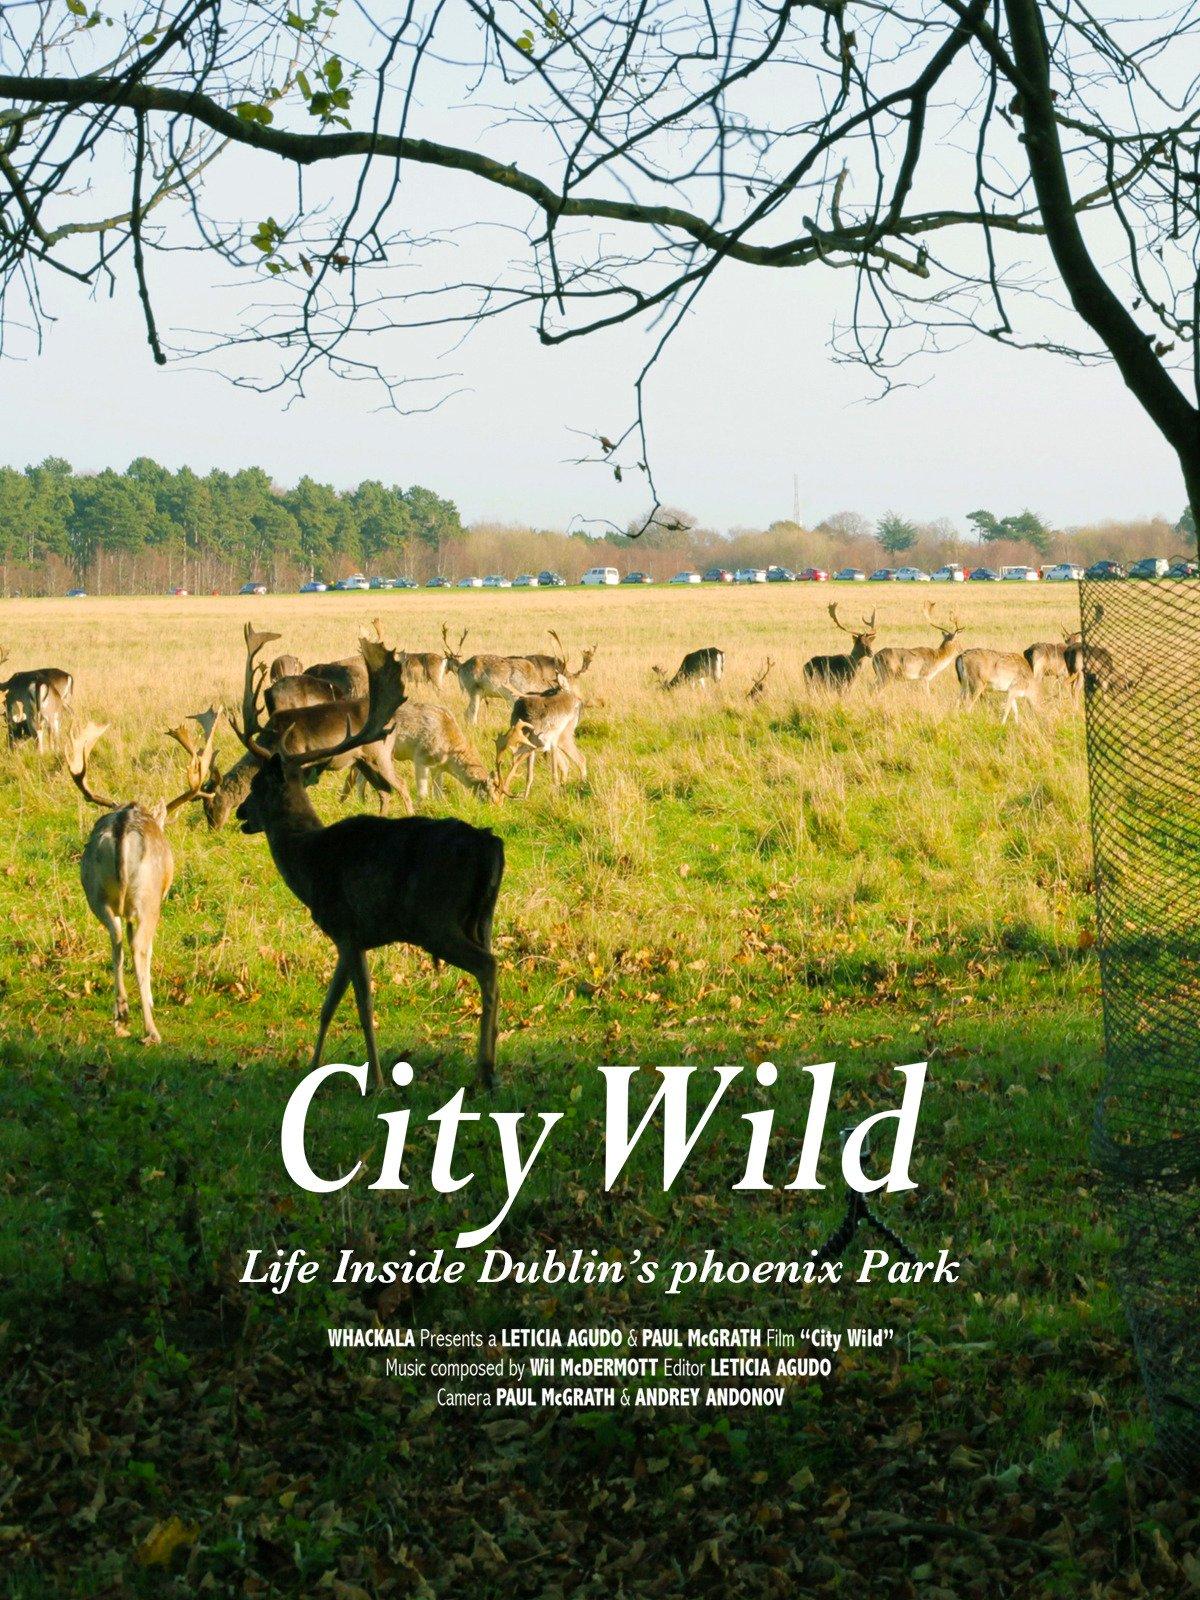 City Wild